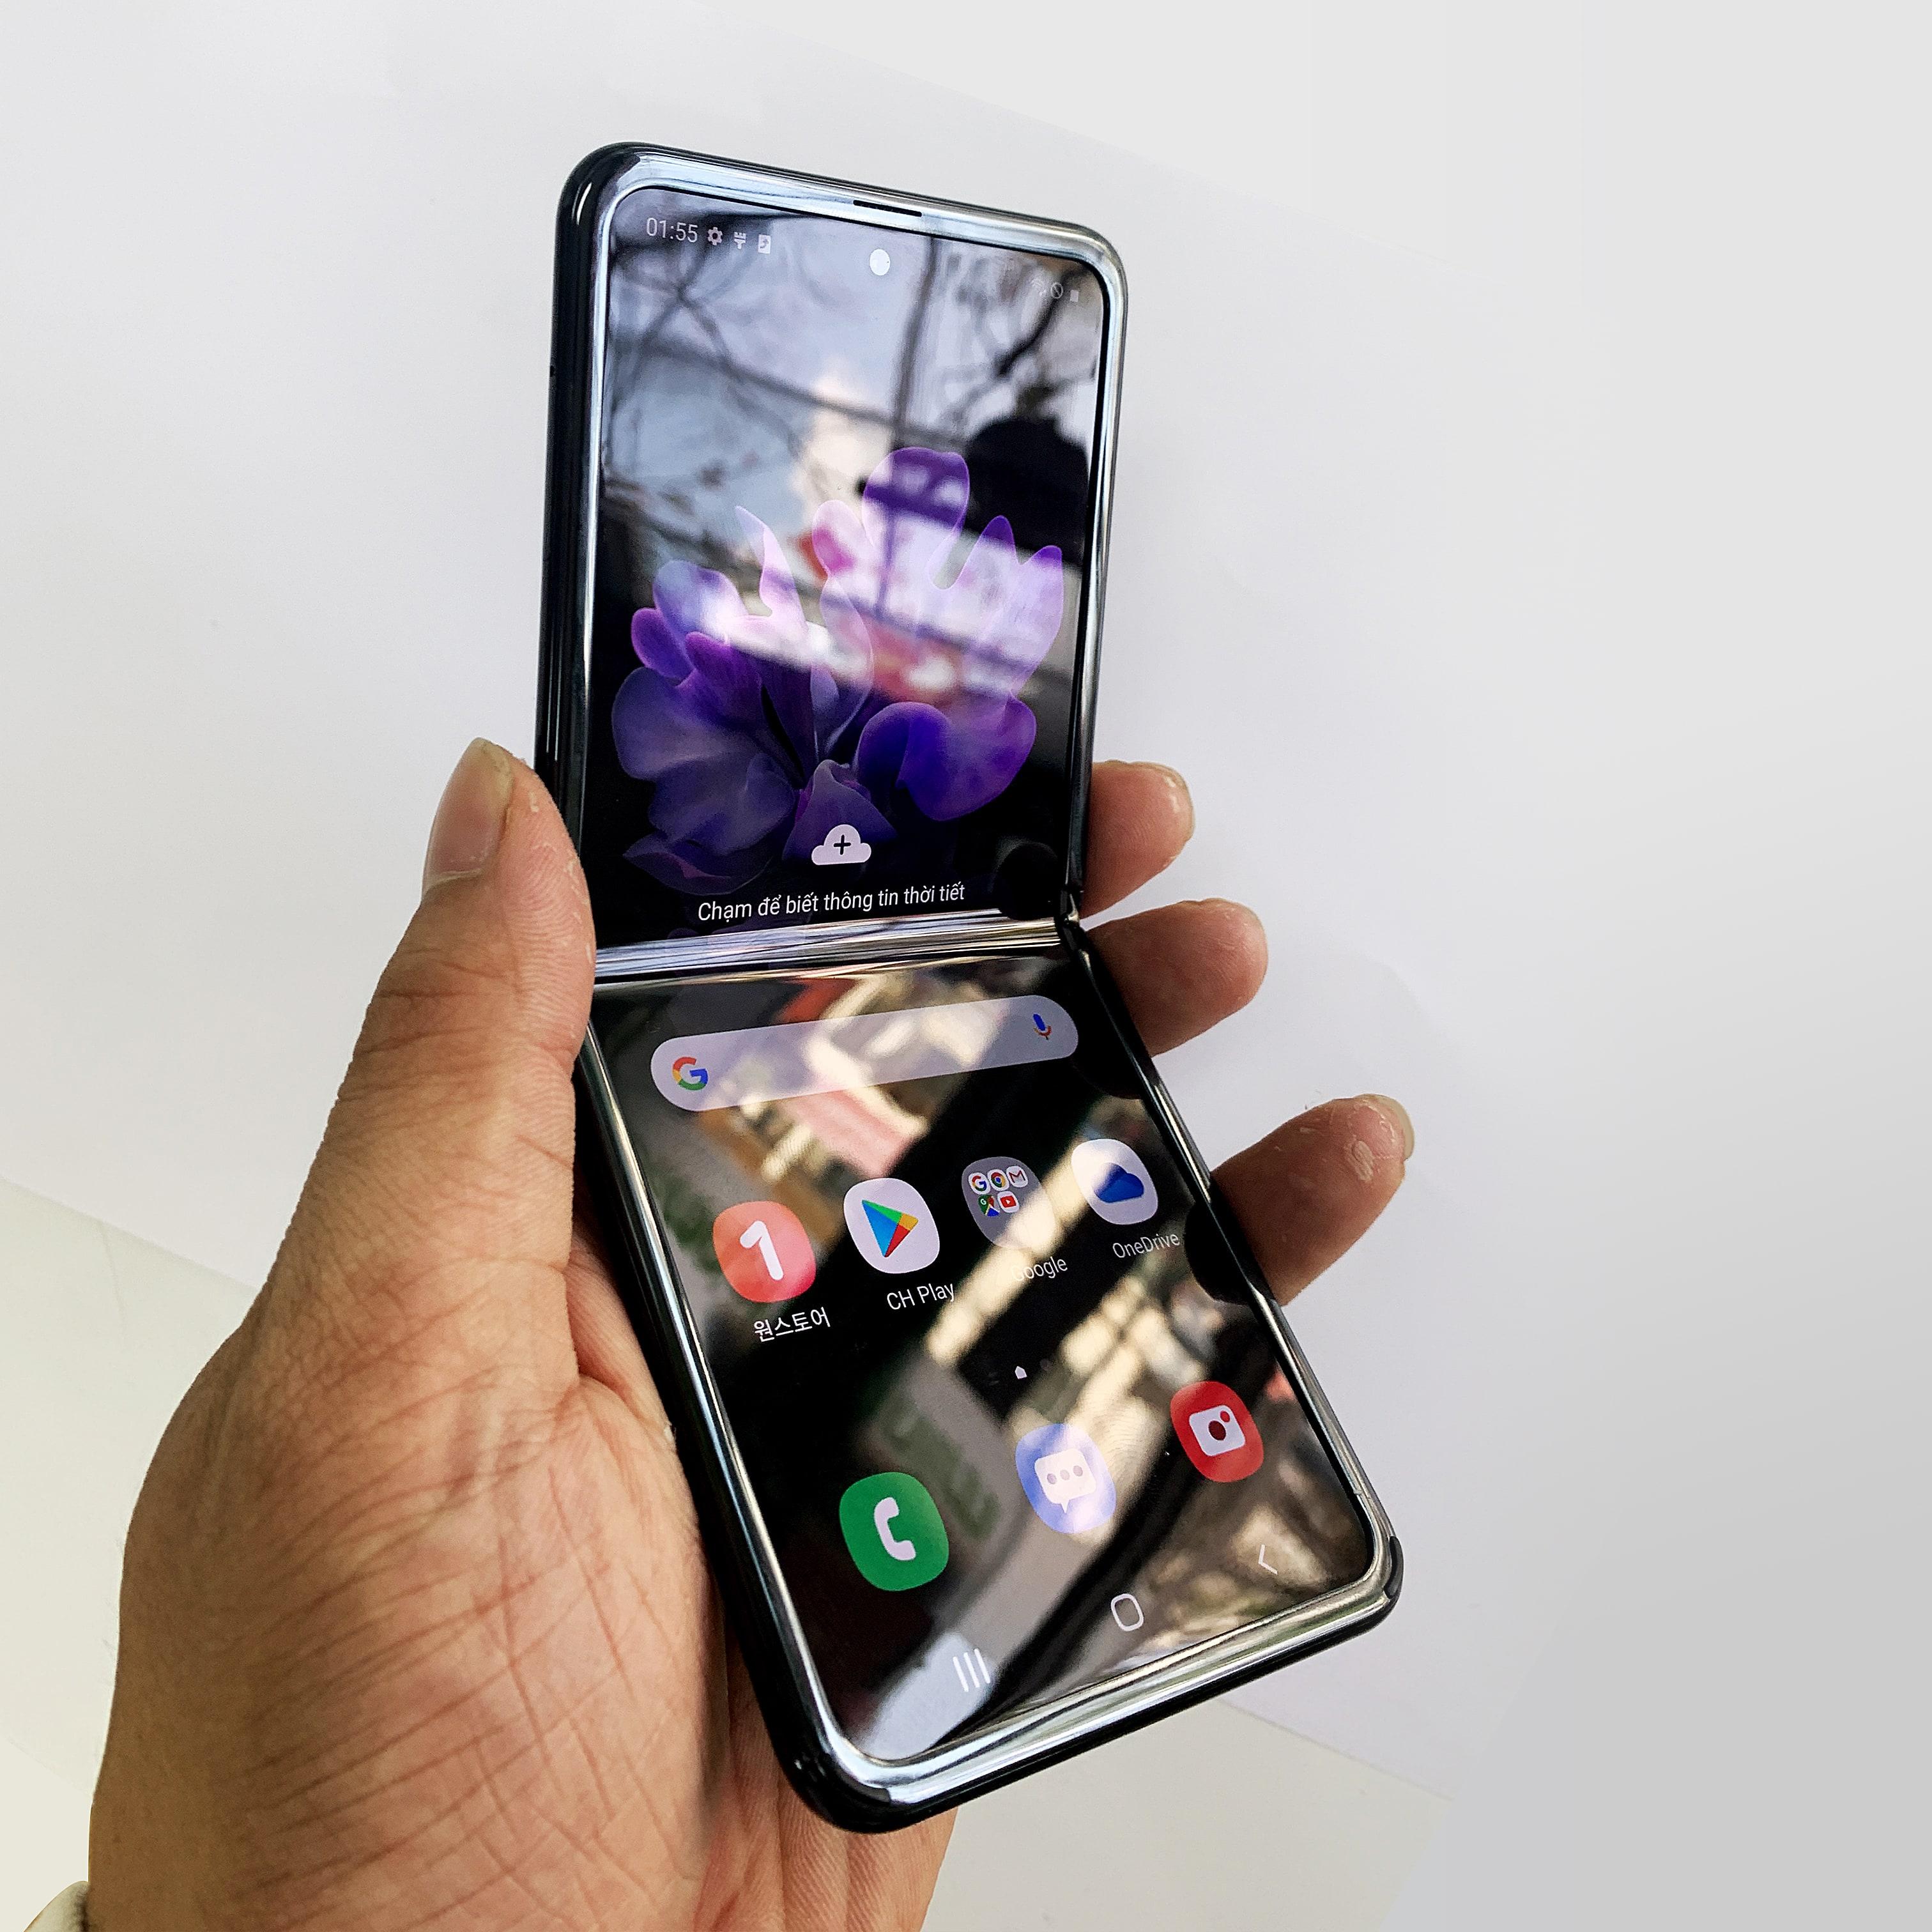 Thiết kế gập vỏ sò của Galaxy Z Flip